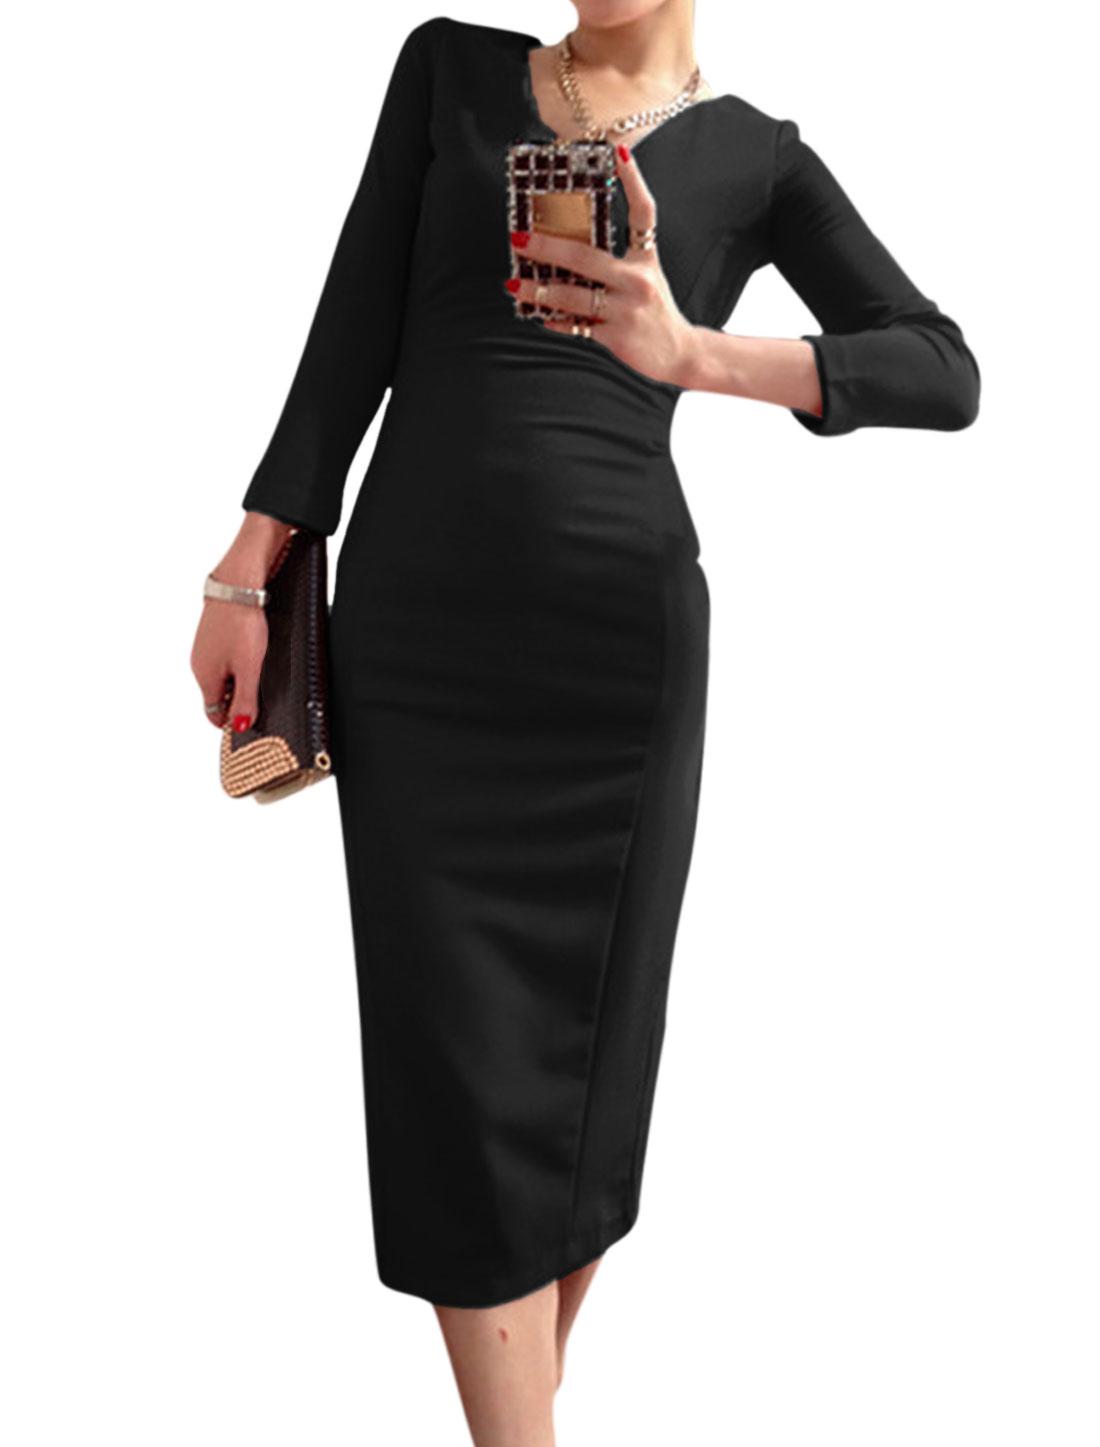 V Neck 3/4 Sleeves Pullover Elegant Dress for Women Black S